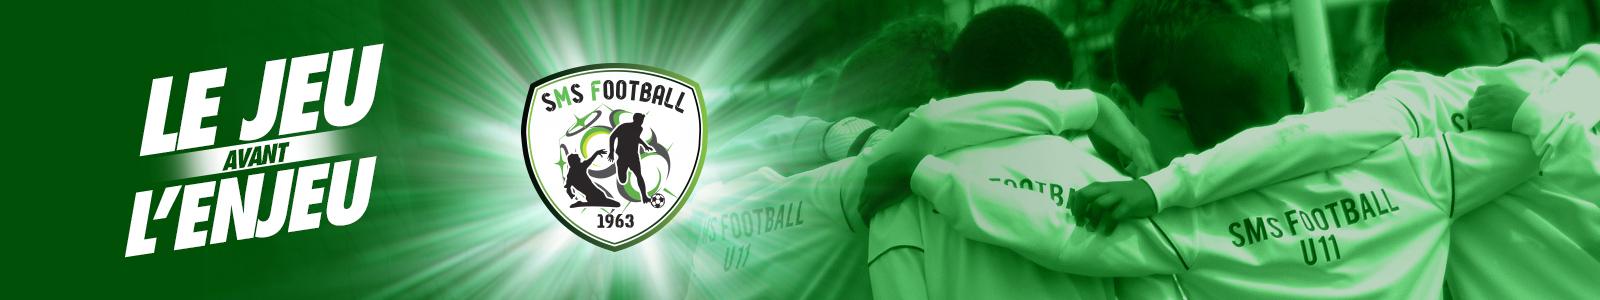 SAINT MICHEL FOOTBALL : site officiel du club de foot de ST MICHEL SUR ORGE - footeo